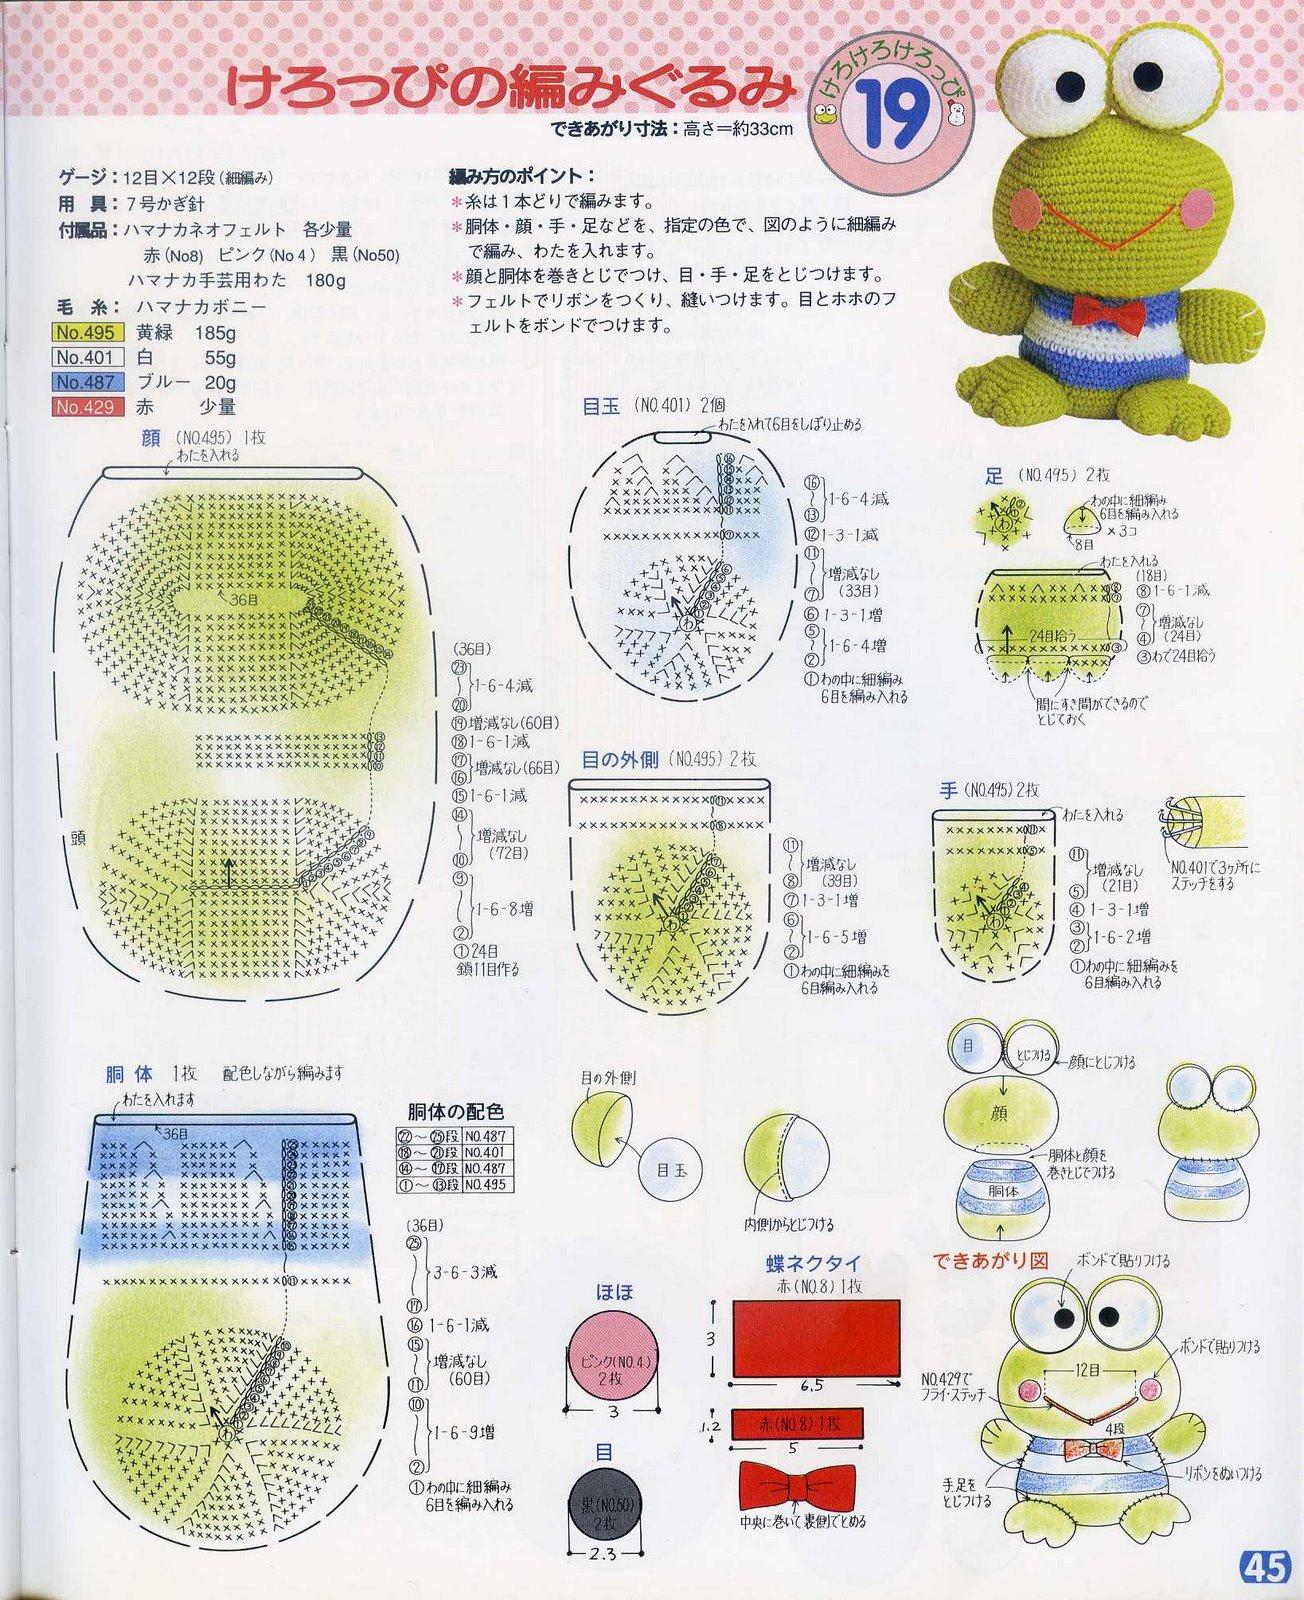 вязаные игрушки амигуруми крючком со схемами